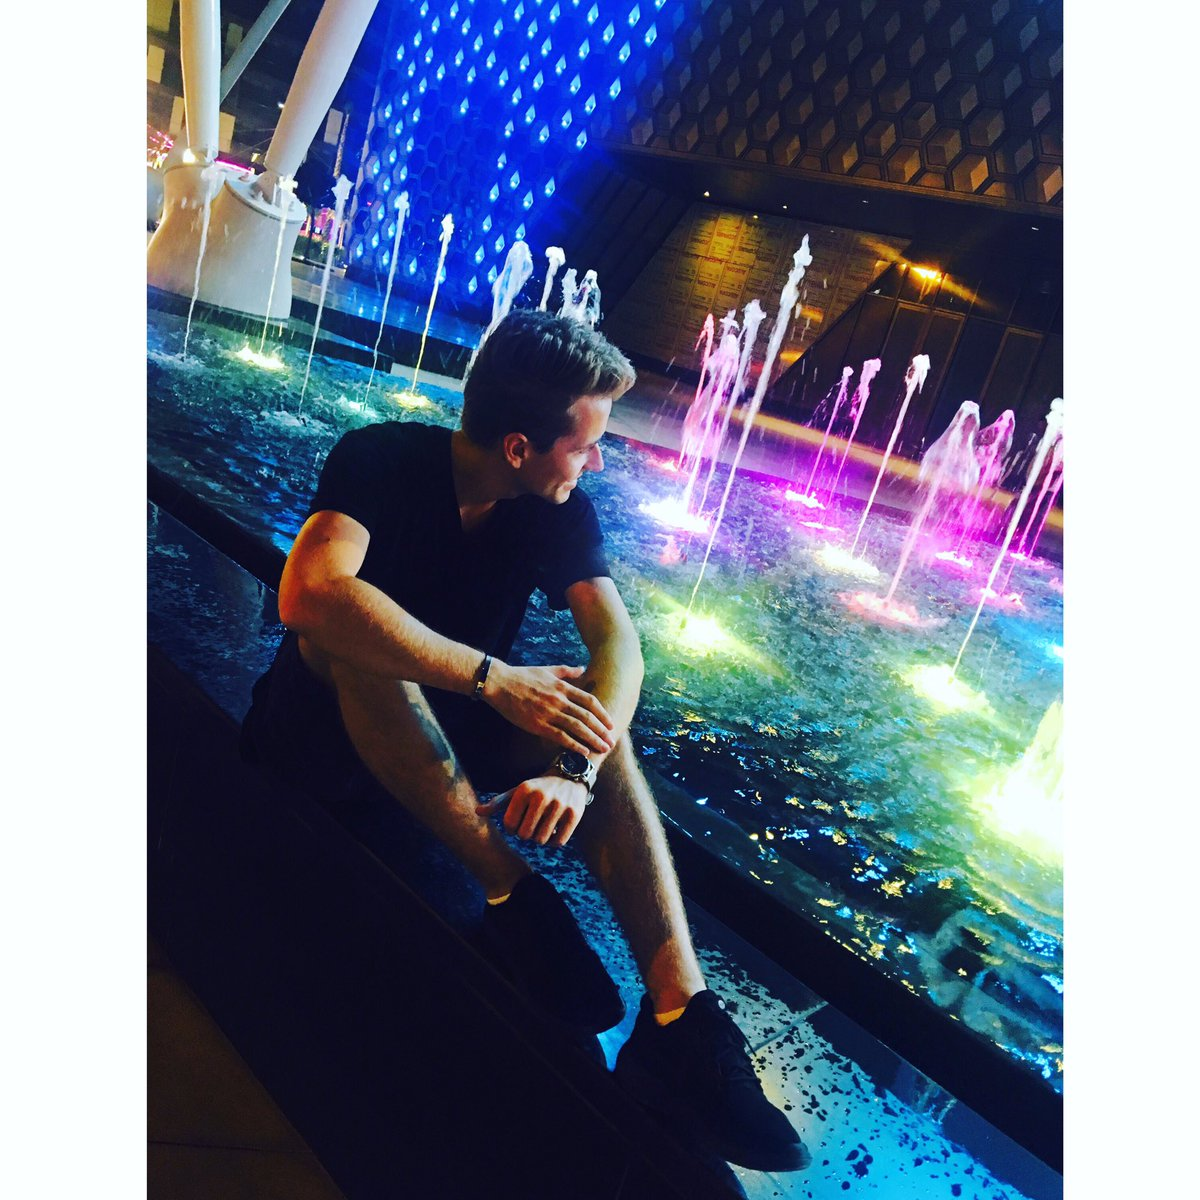 Ich mag das Bild. 🤓